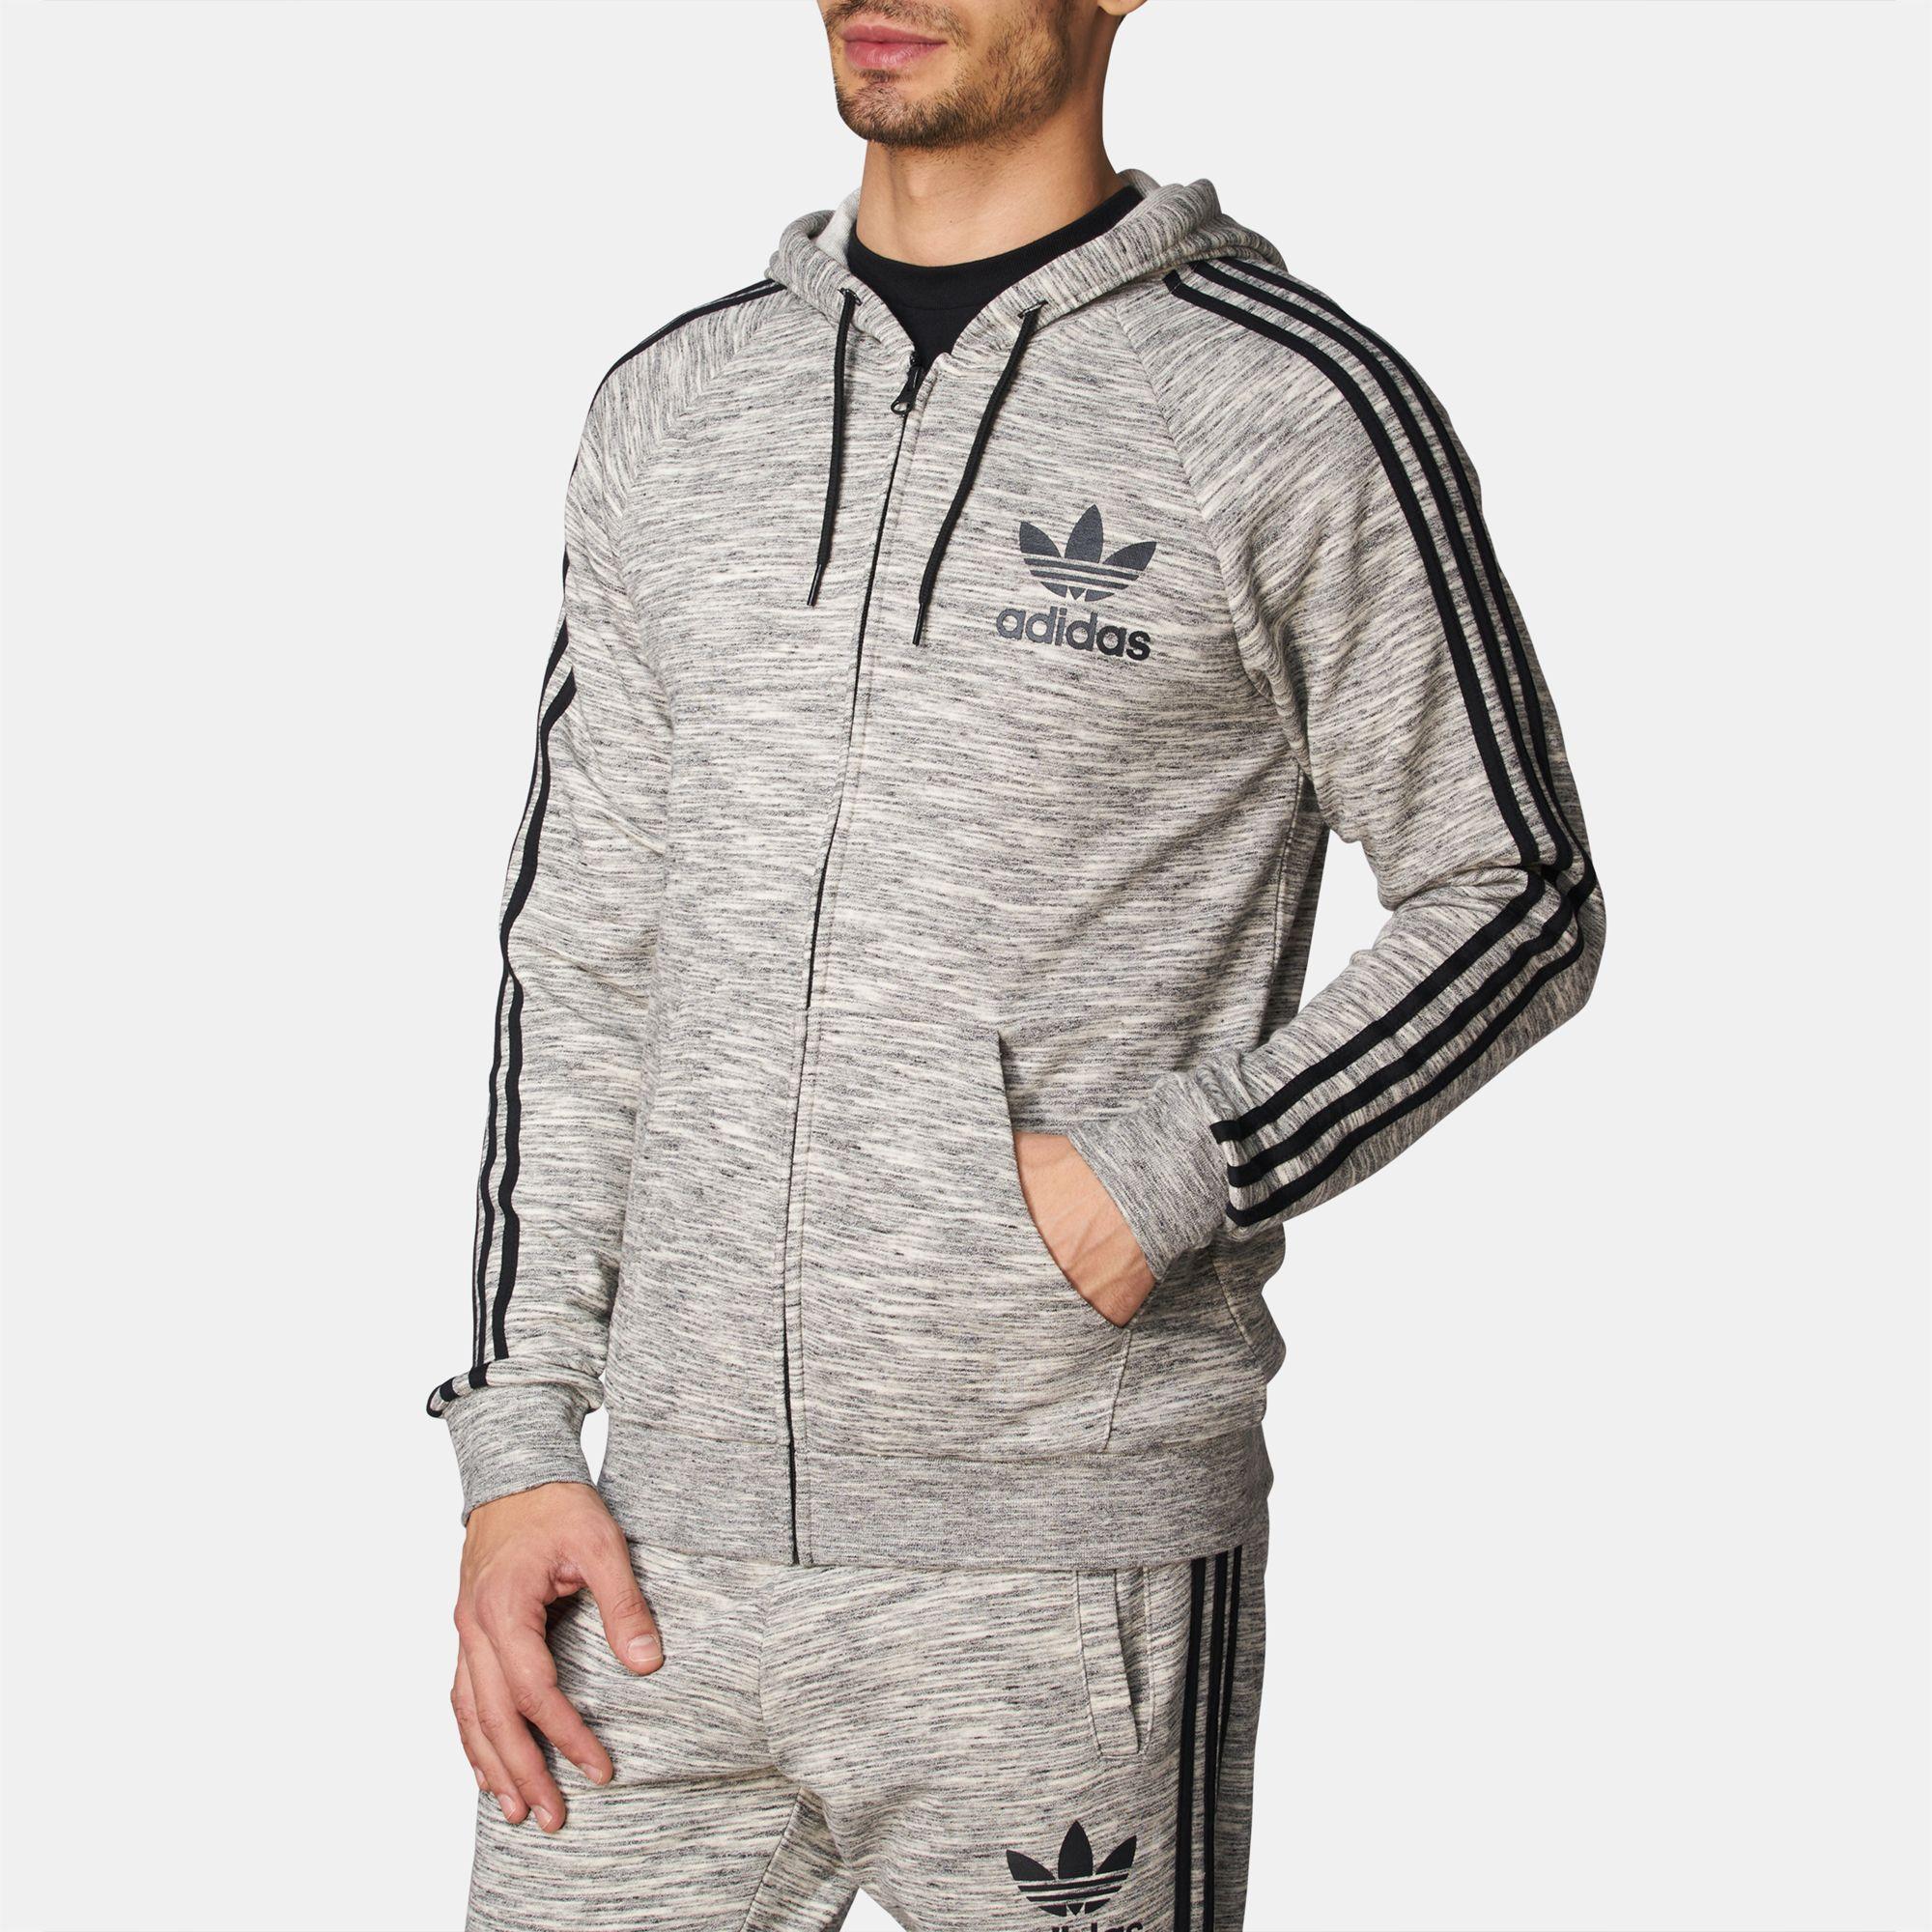 adidas Originals CLFN FT Zip Hoodie   Hoodies   Hoodies and